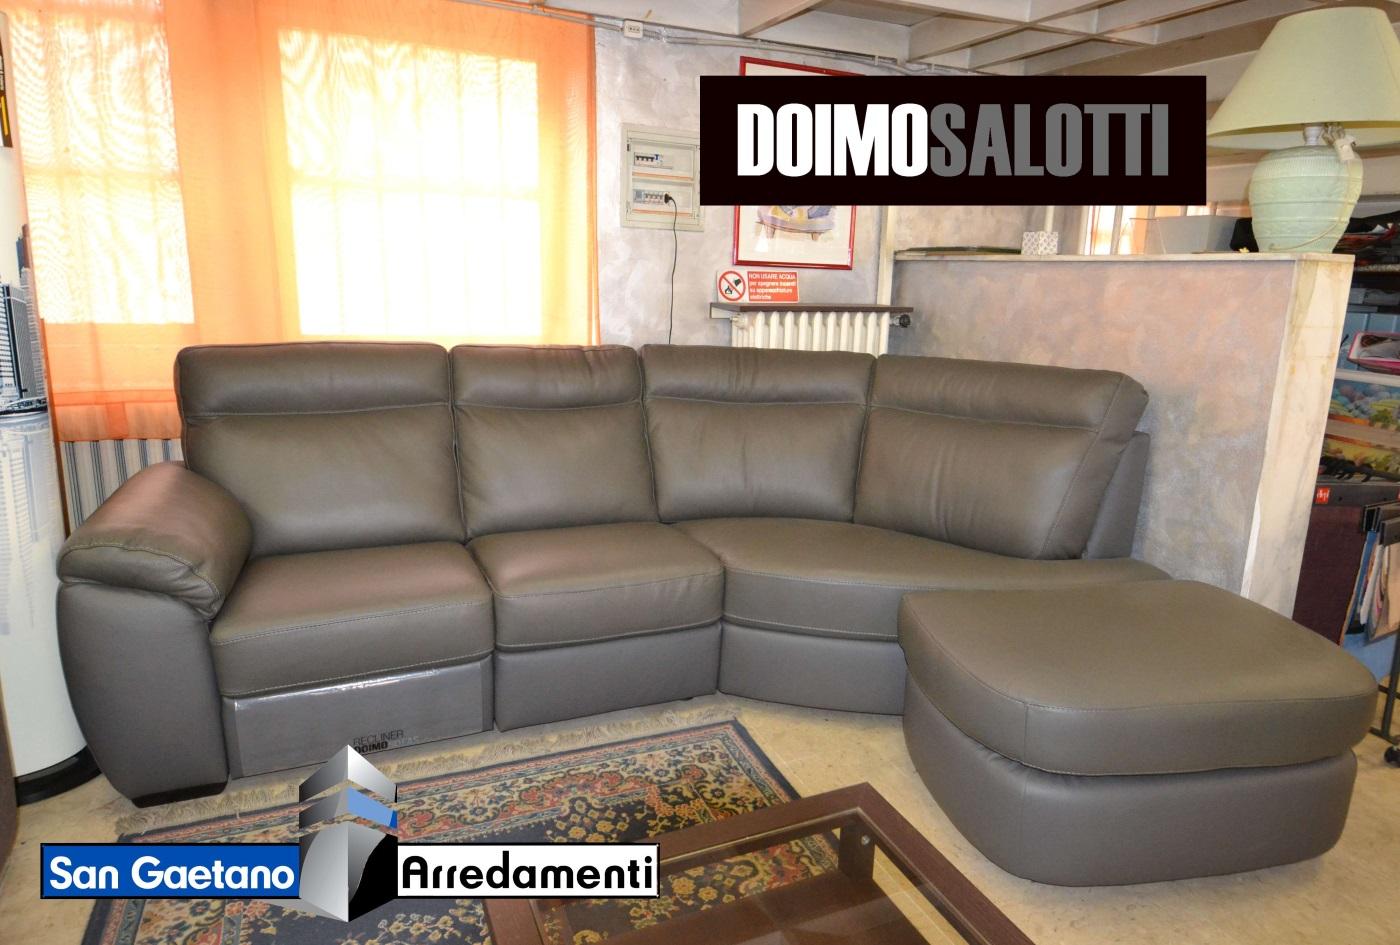 Doimo Salotti. Excellent Divani Componibili Under Doimo Salotti With ...